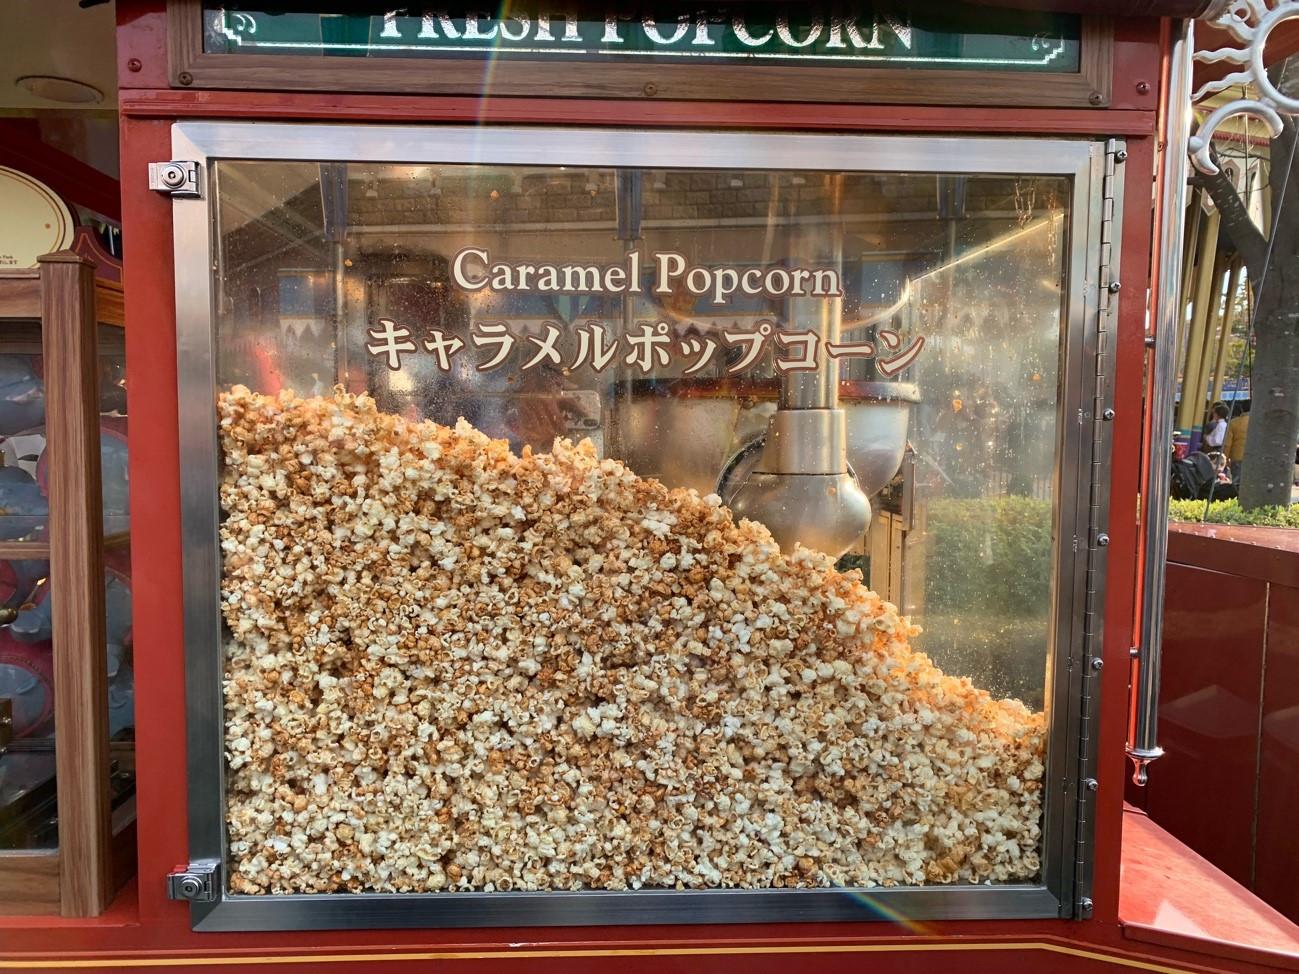 【2019】ディズニーランド&シーのポップコーンランキング!人気の味はどれ?販売場所まとめ!